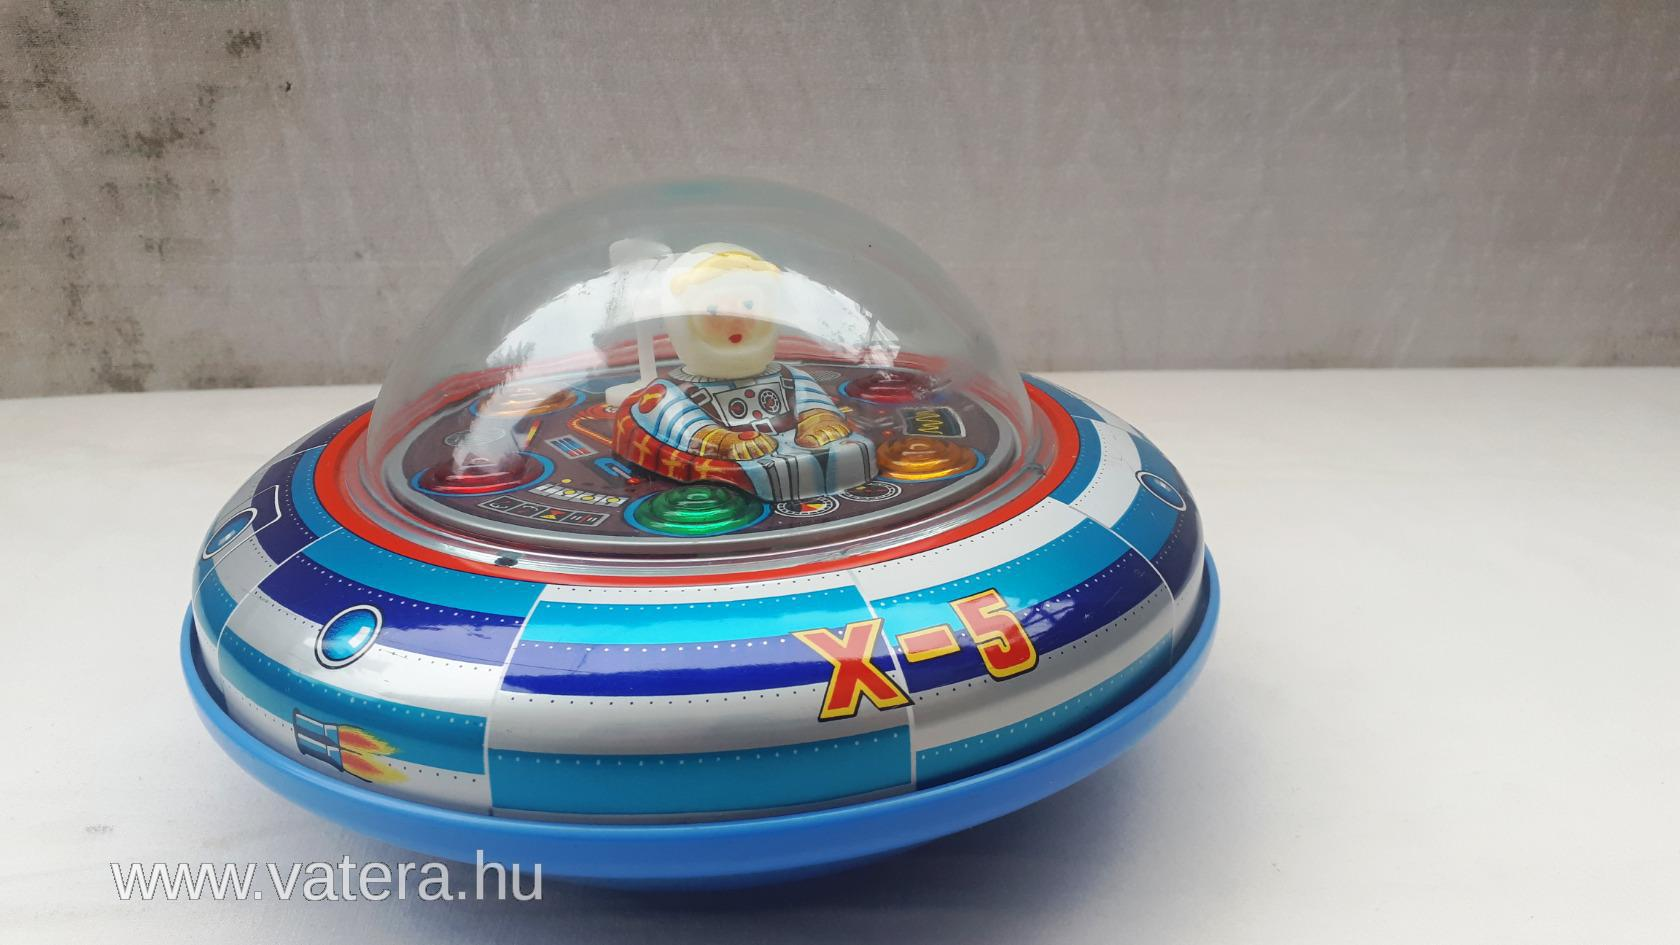 regi-retro-gyerek-jatek-space-ship-urhajo-9b1a_1_big.jpg